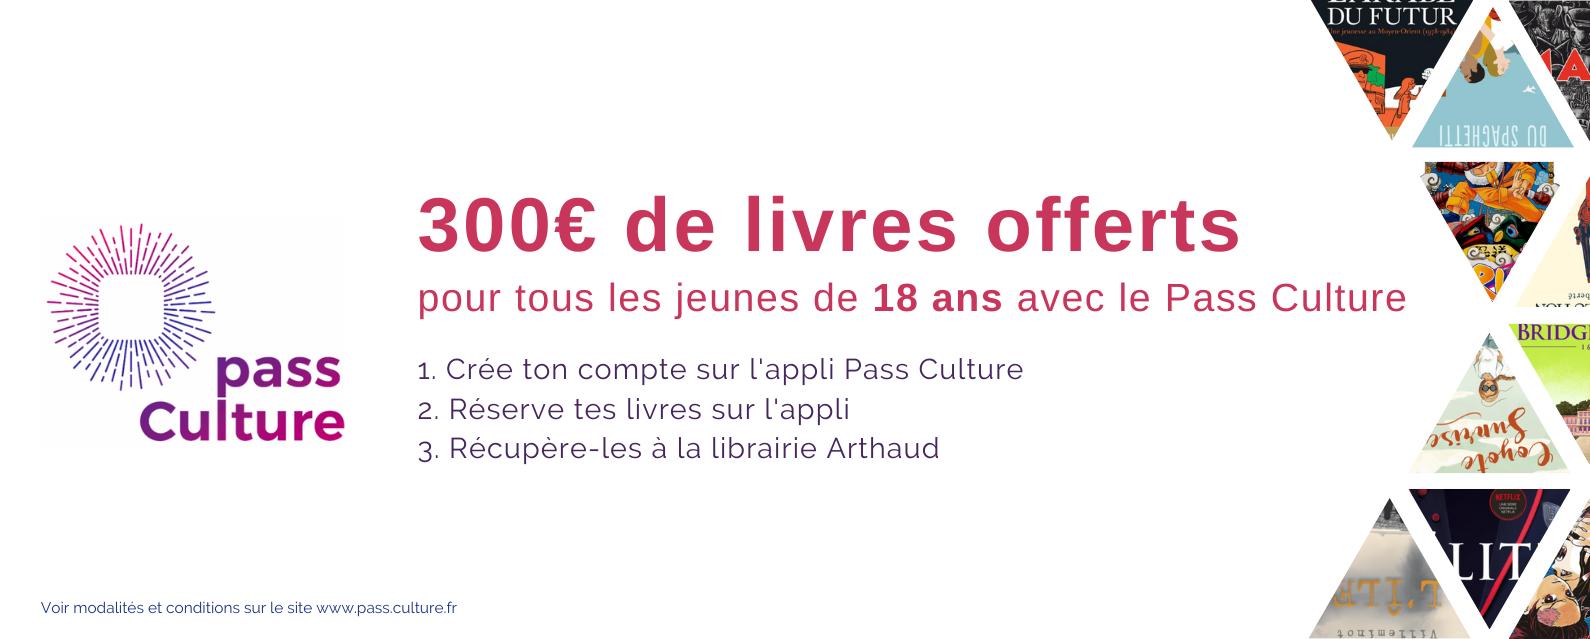 Pass Culture à la librairie Arthaud